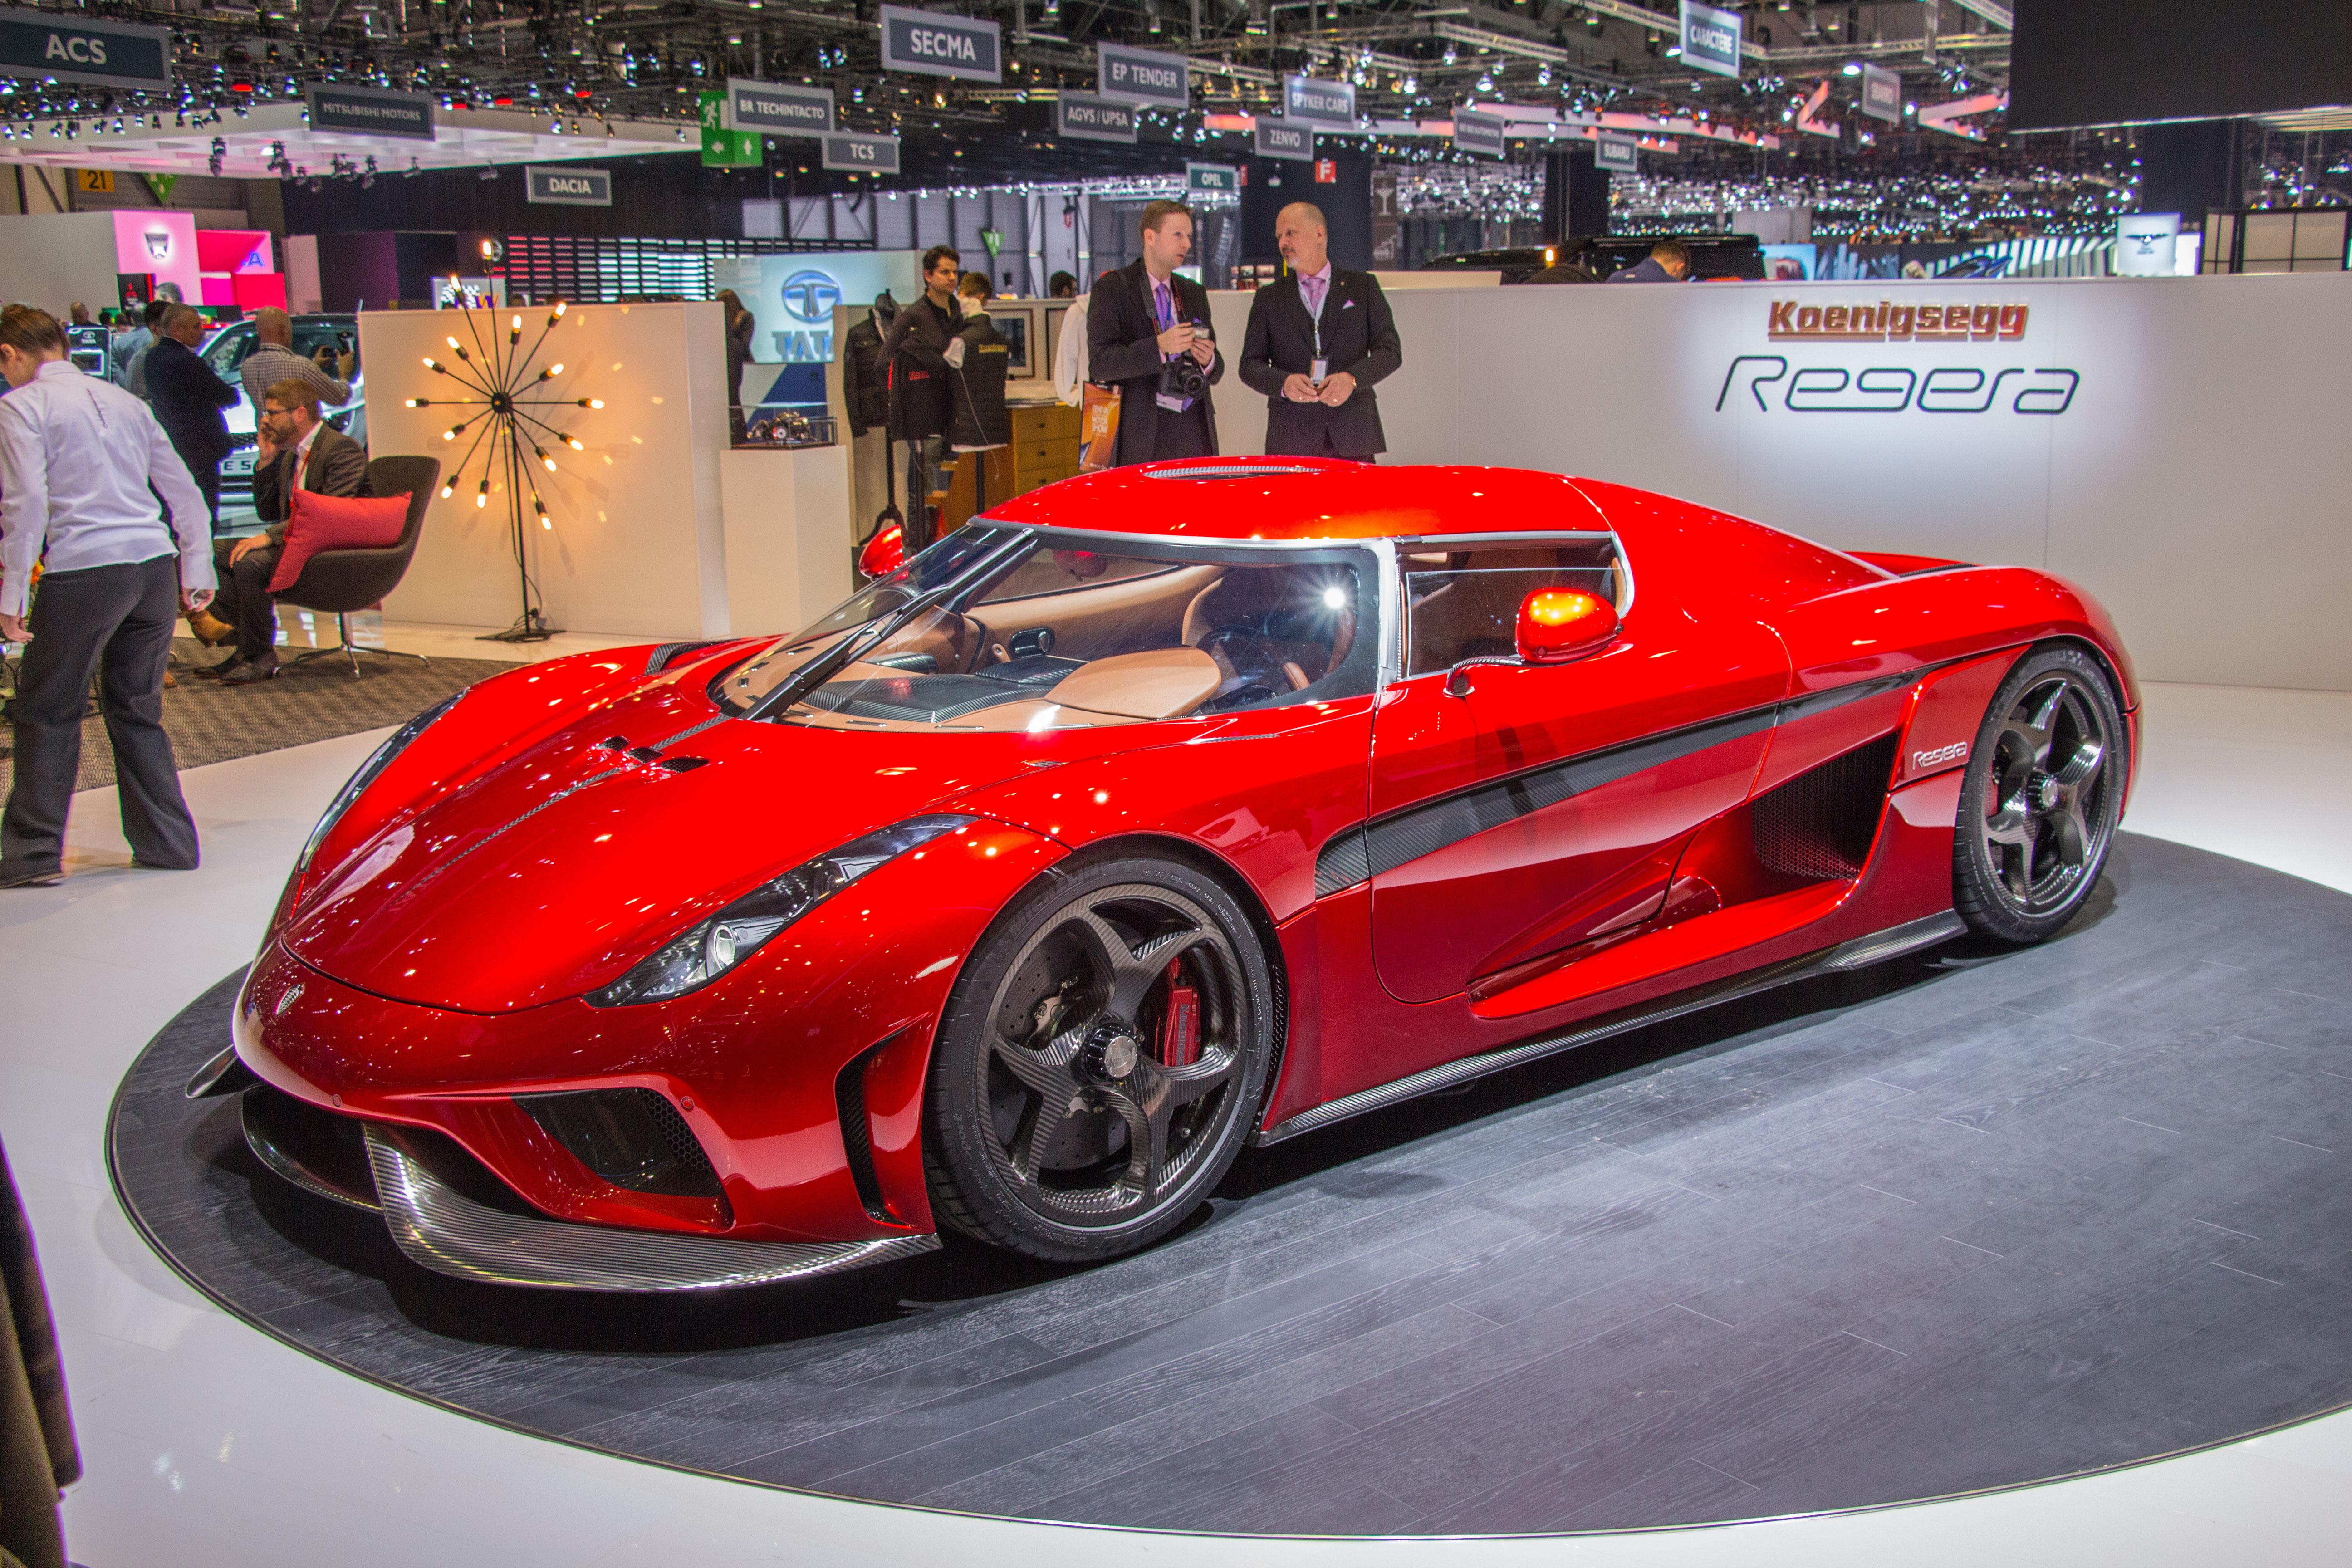 Biludstillingen i geneve 2016 er et orgie af superbiler for Garage seat geneve